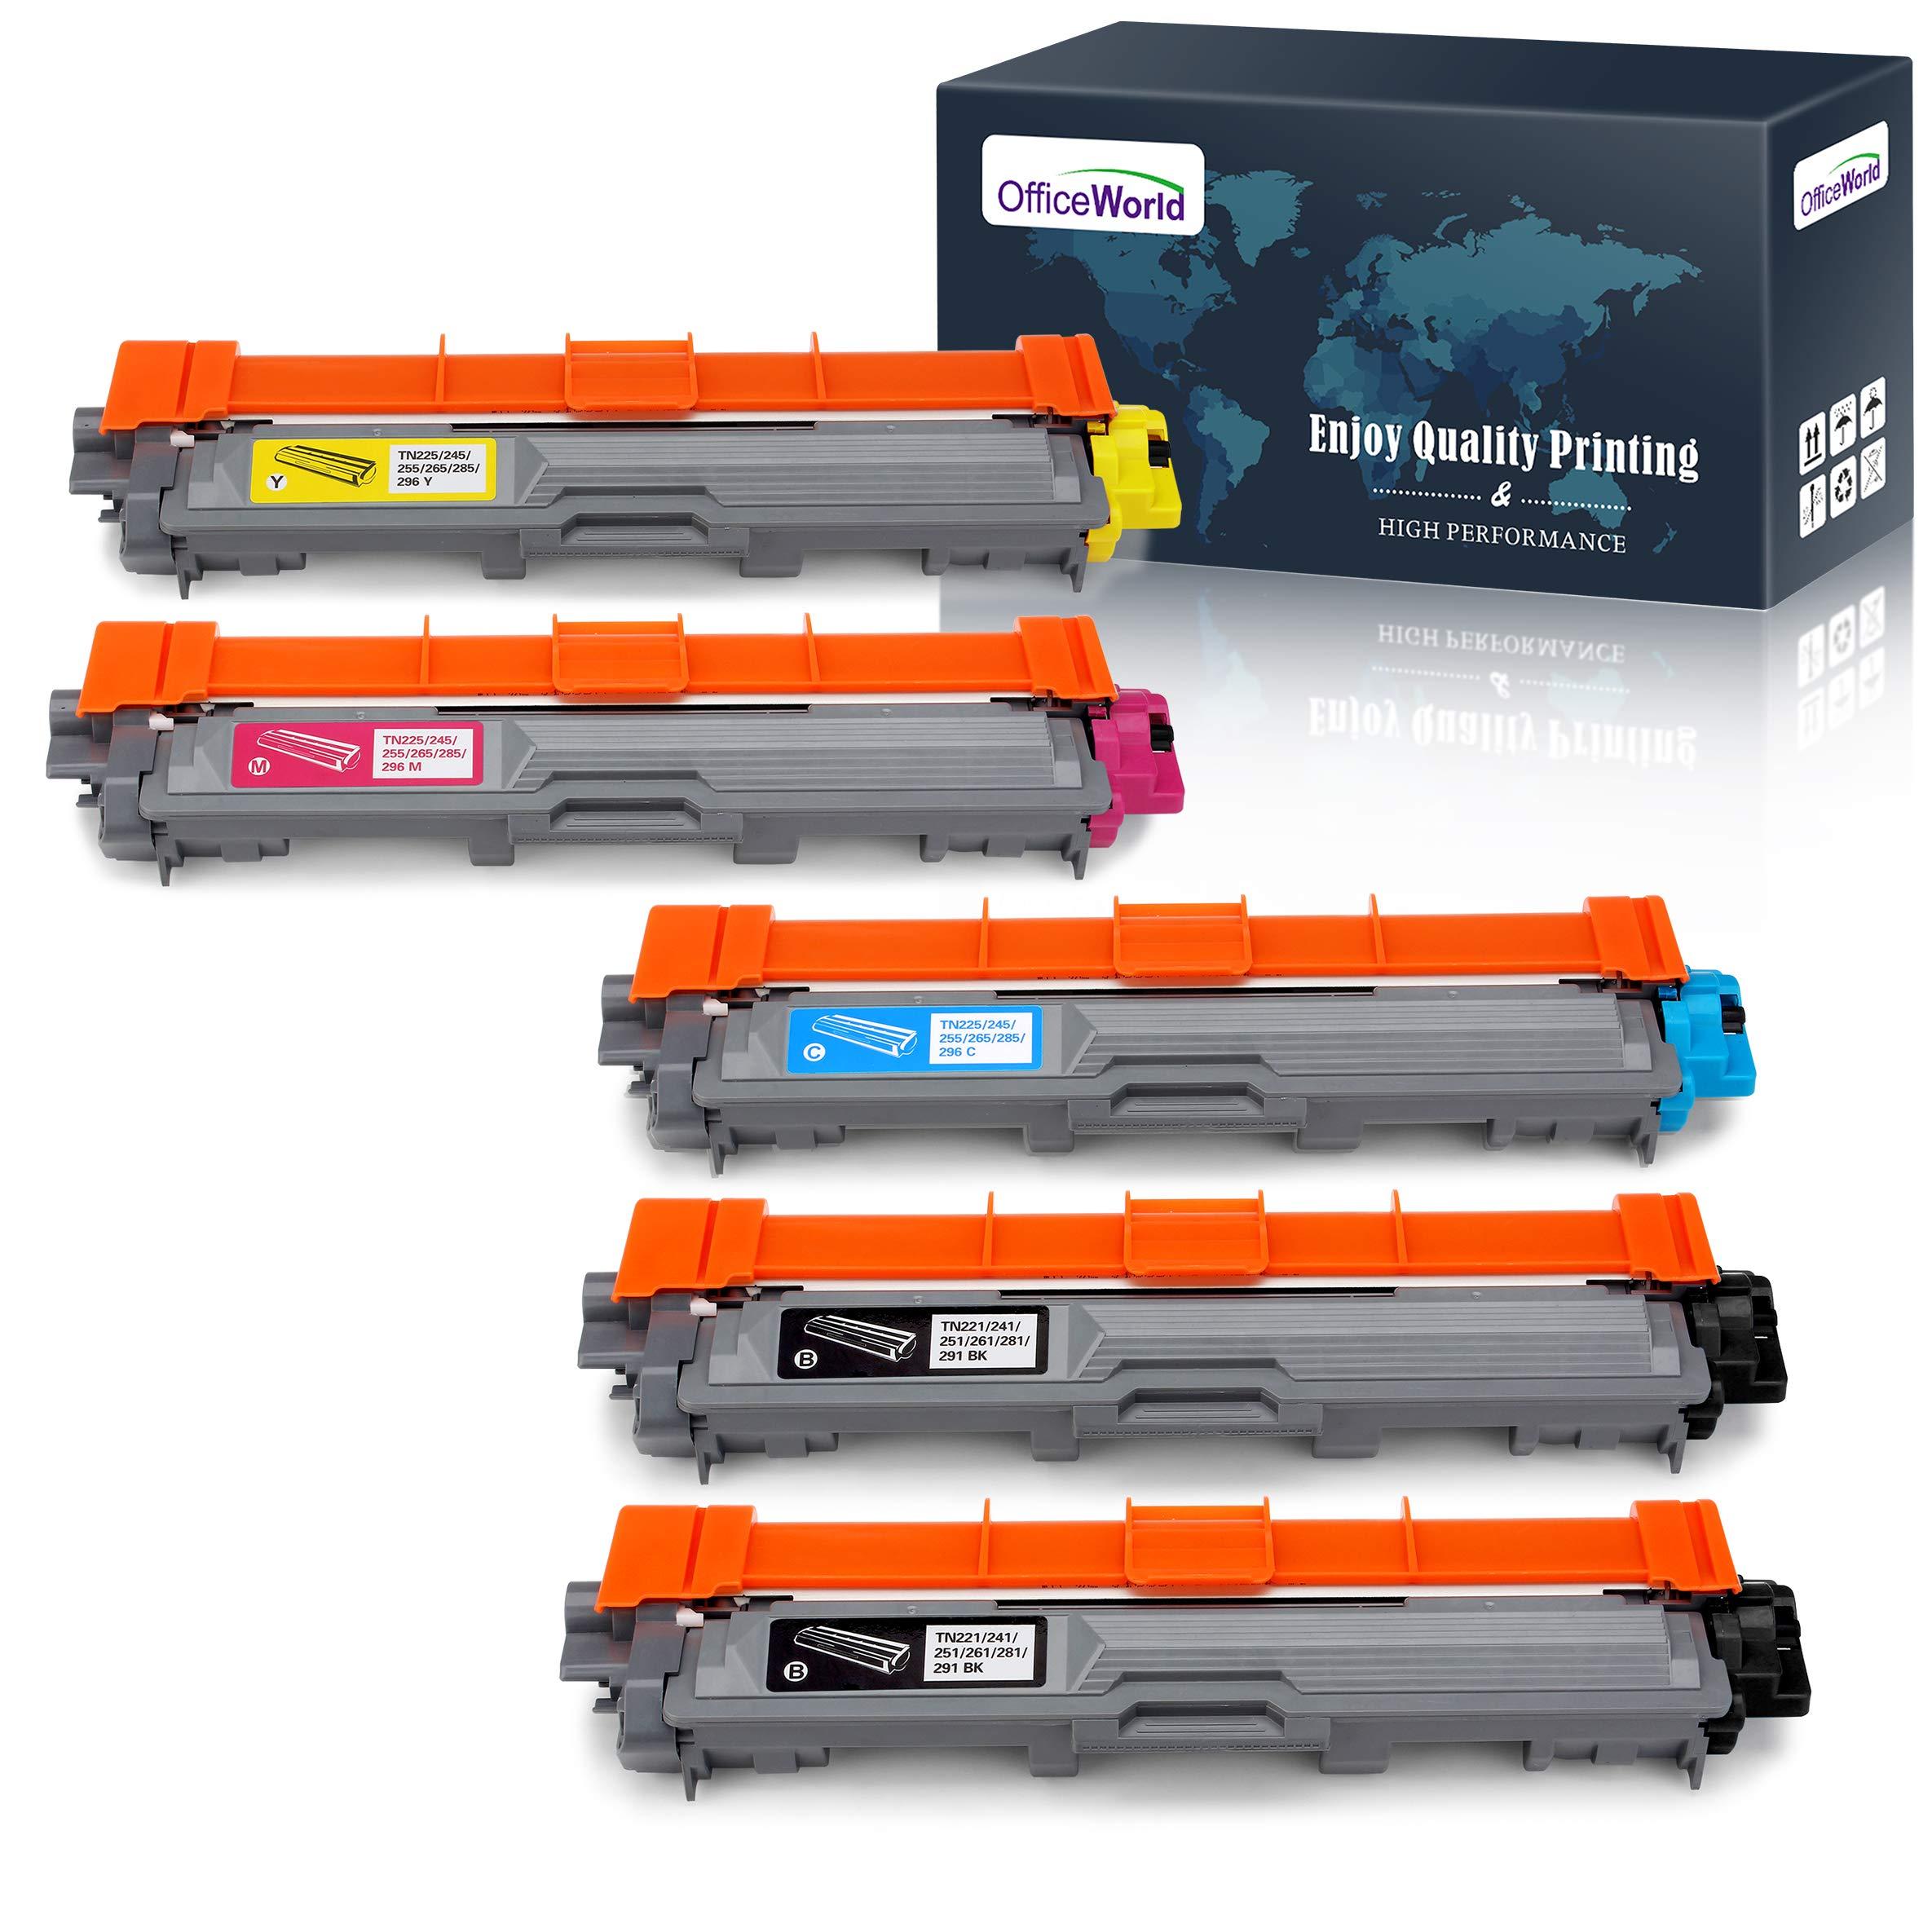 Toner Alternativo ( X5 ) 4 Colores Tn221 Tn225 Tn-221 Tn-225 Mfc-9130cw Hl-3170cdw Hl-3140cw Mfc-9330cdw 2